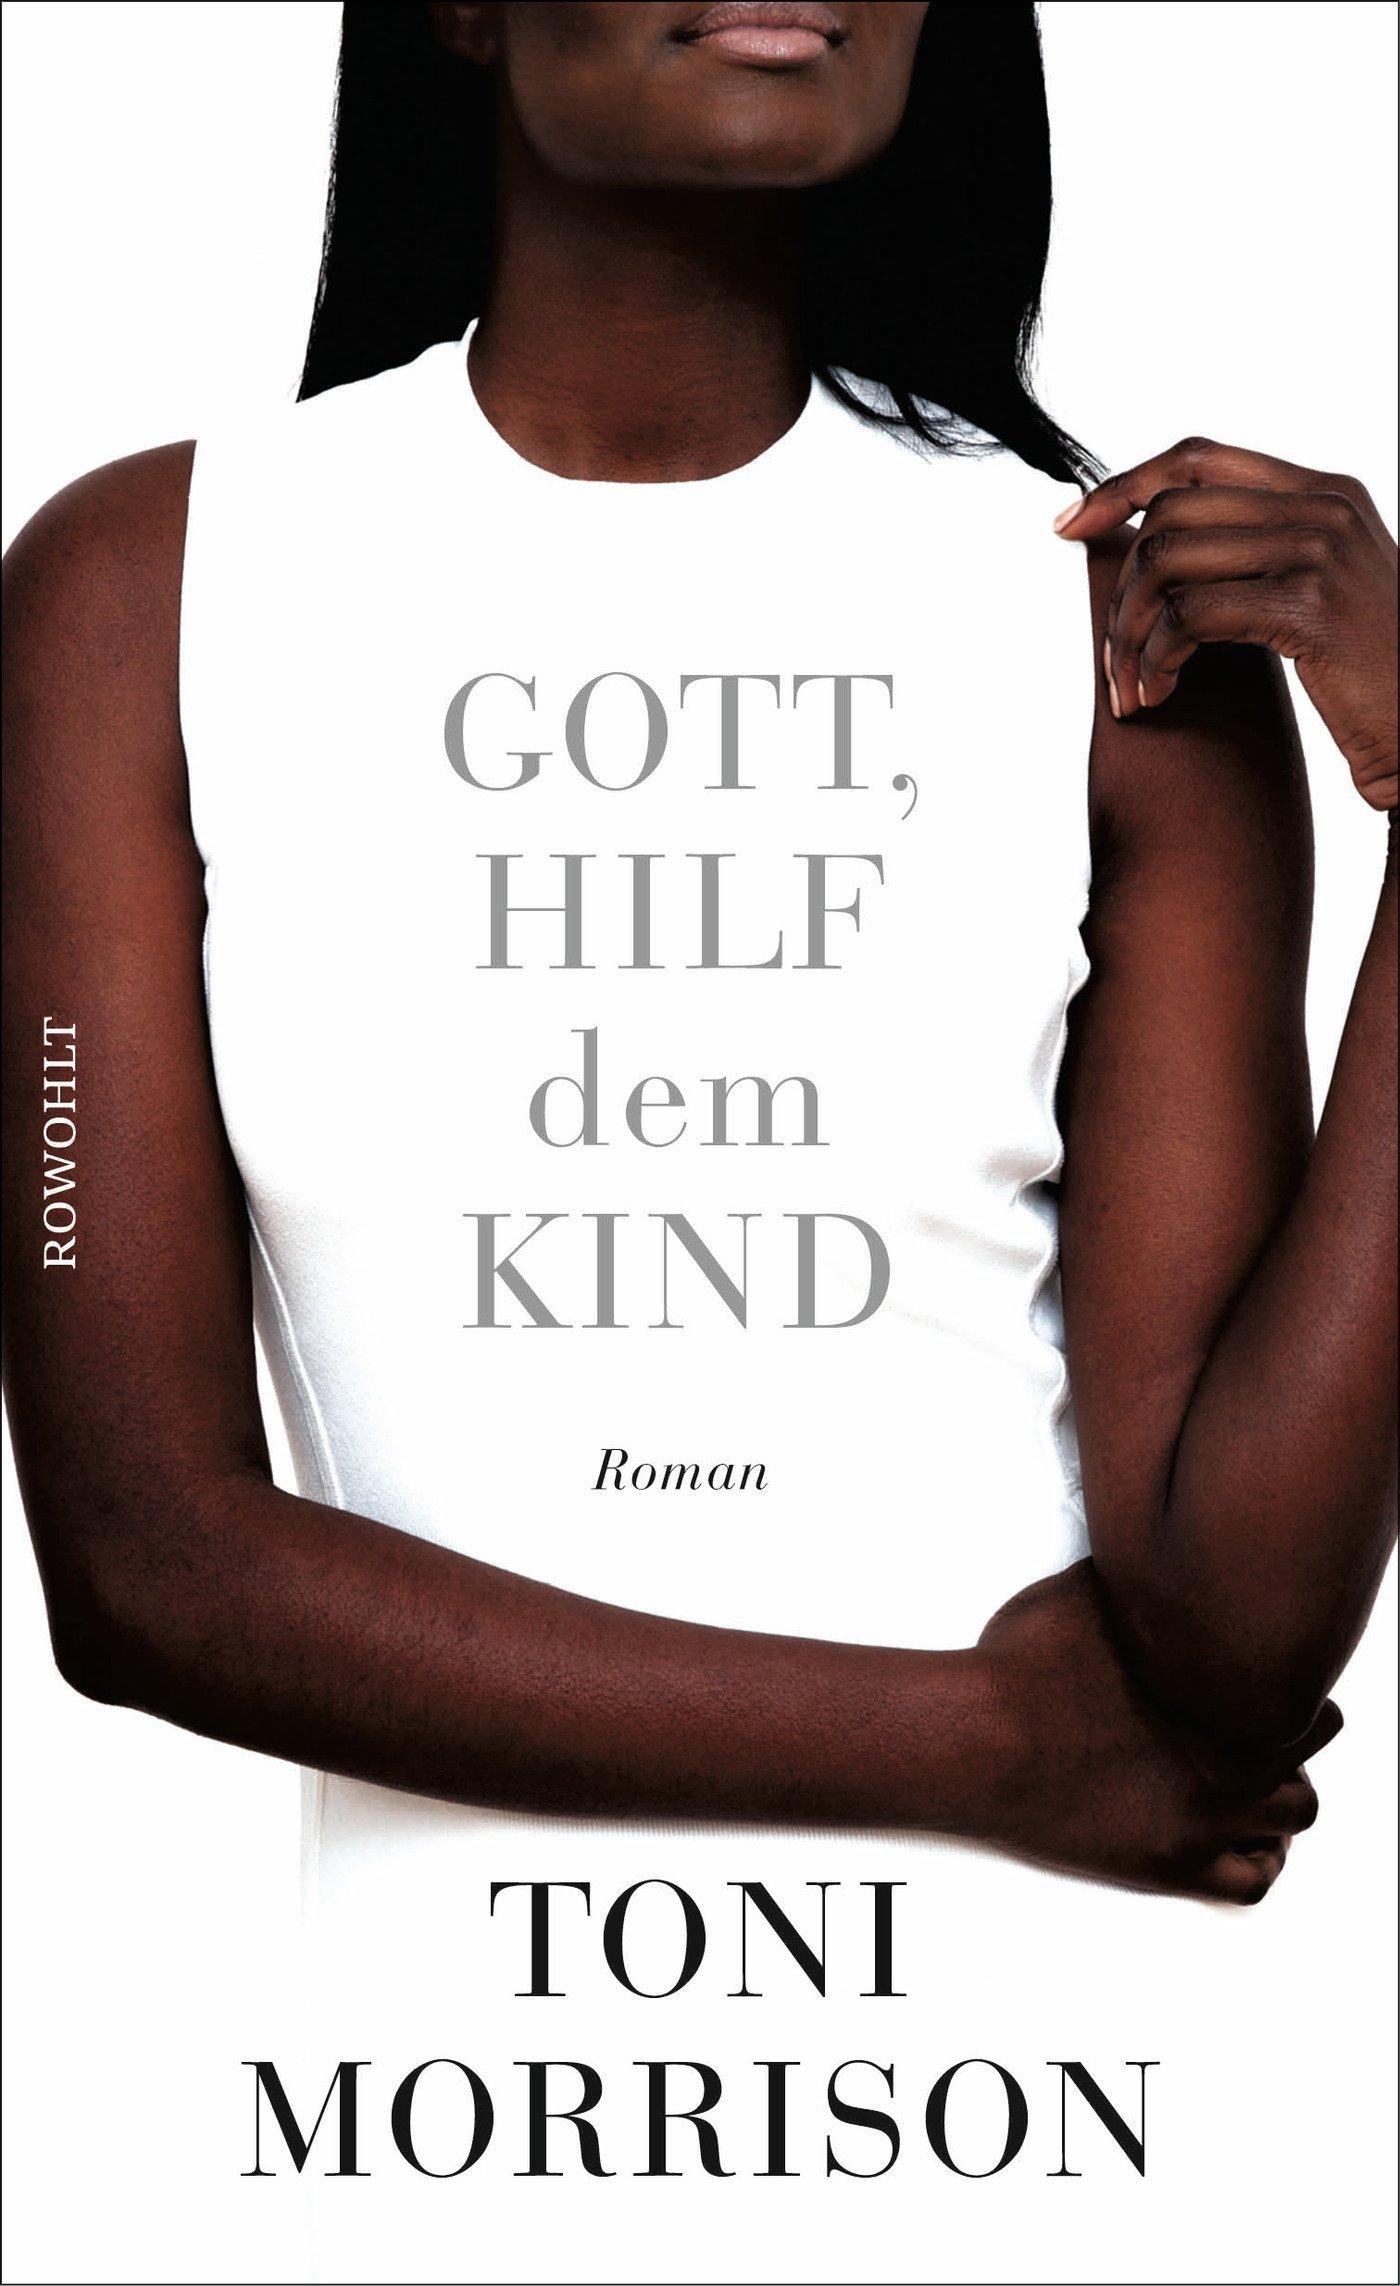 Gott, hilf dem Kind: Amazon.de: Toni Morrison, Thomas Piltz: Bücher